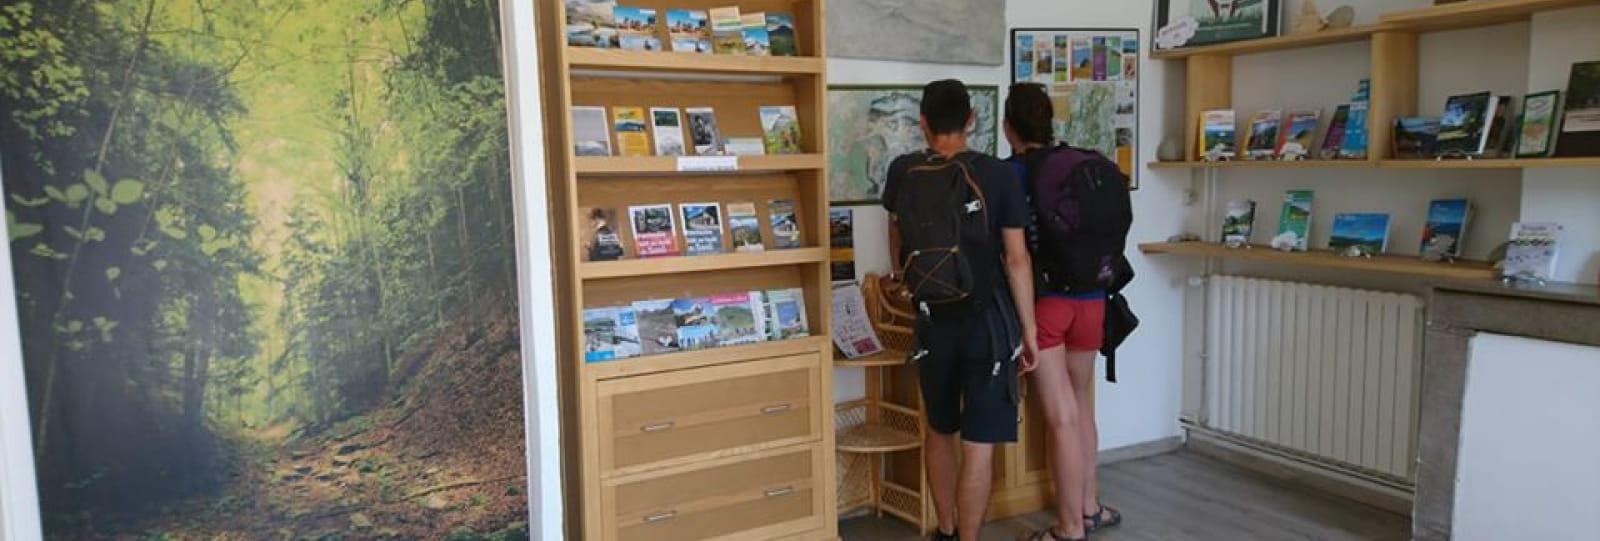 Office de Tourisme du Val de Drôme - Bureau d'informations touristiques de Saoû